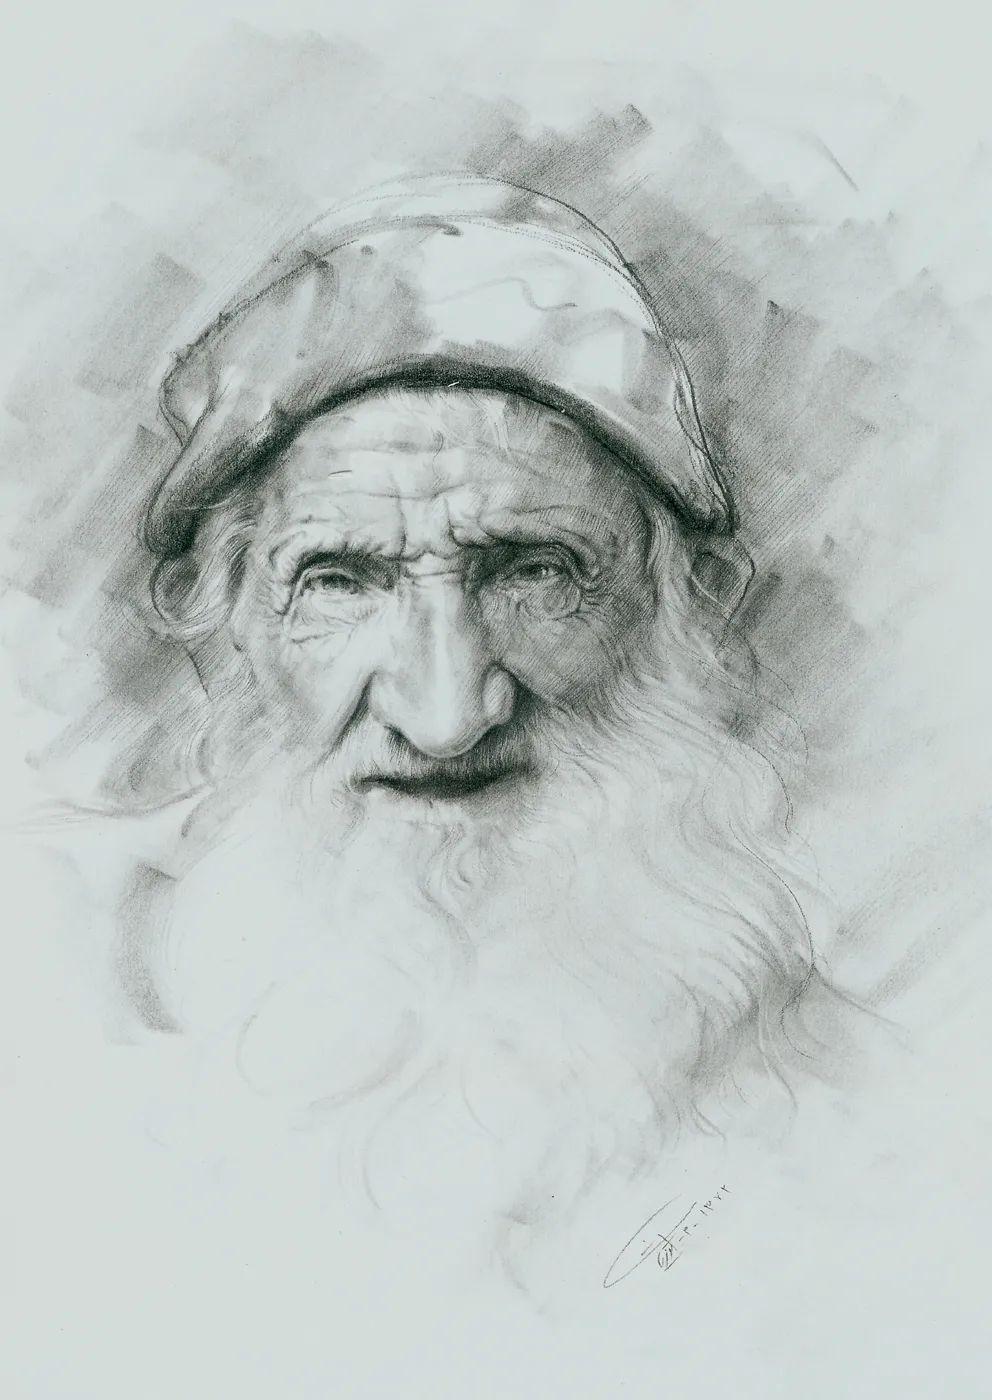 伊朗当代现实主义画家,也是空手道高手!插图13